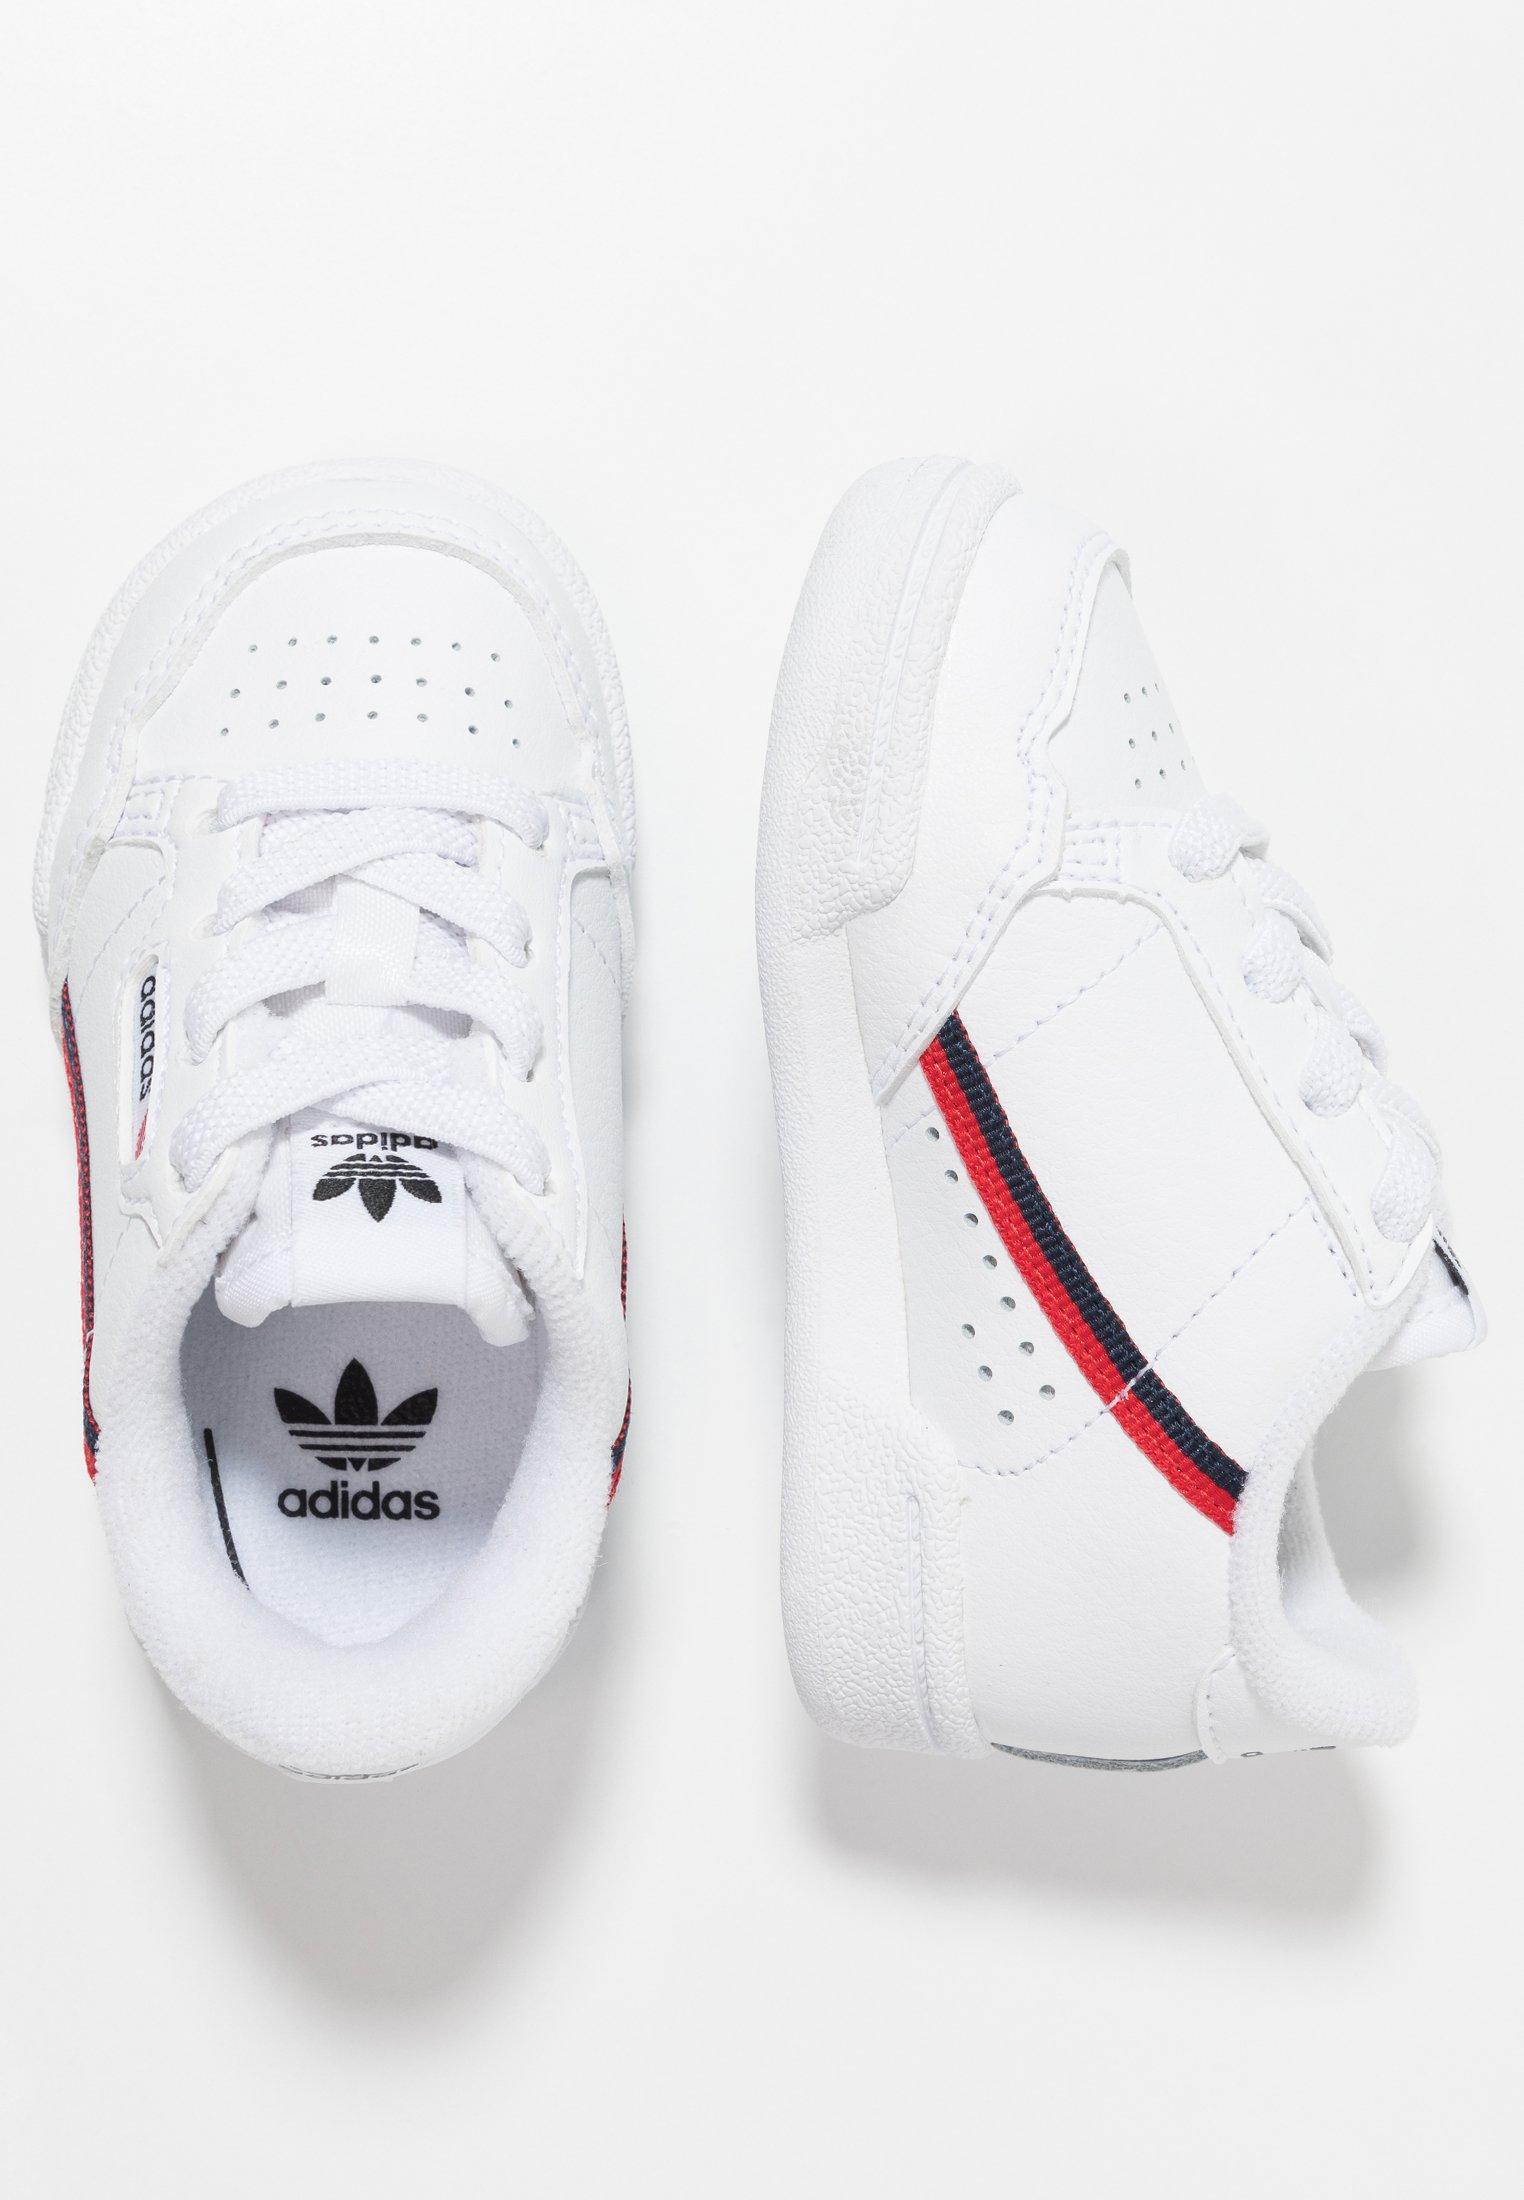 condado A través de ocio  adidas Originals CONTINENTAL 80 UNISEX - Zapatos de bebé - footwear  white/scarlet/collegiate navy/blanco - Zalando.es